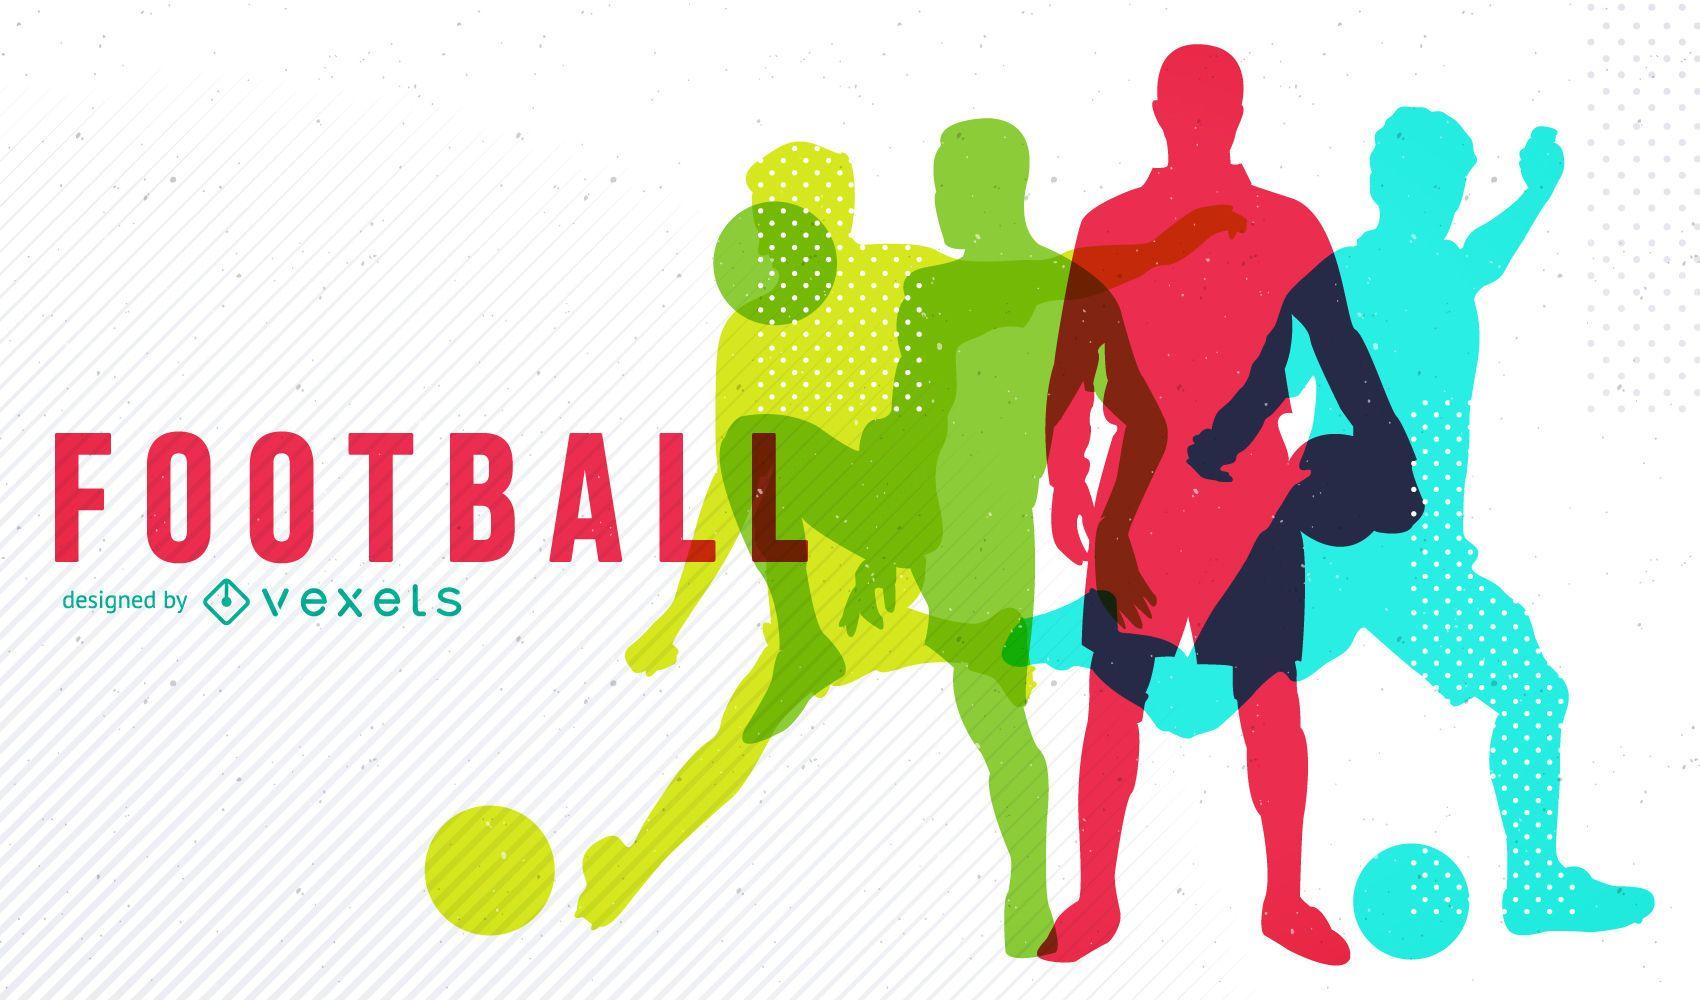 Fußballdesign mit bunter Silhouette